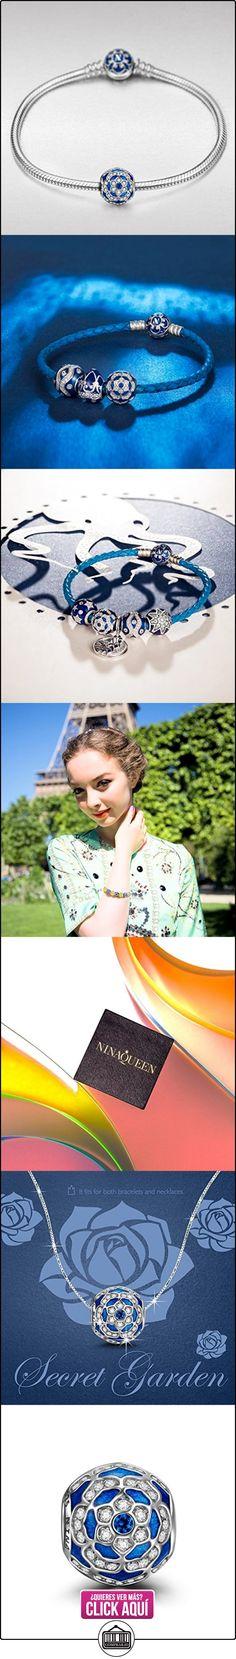 NinaQueen Camelia Abalorio de mujer de plata de ley Charms beads fit Pandora pulseras  ✿ Joyas para mujer - Las mejores ofertas ✿ ▬► Ver oferta: https://comprar.io/goto/B01GE8Y44Y